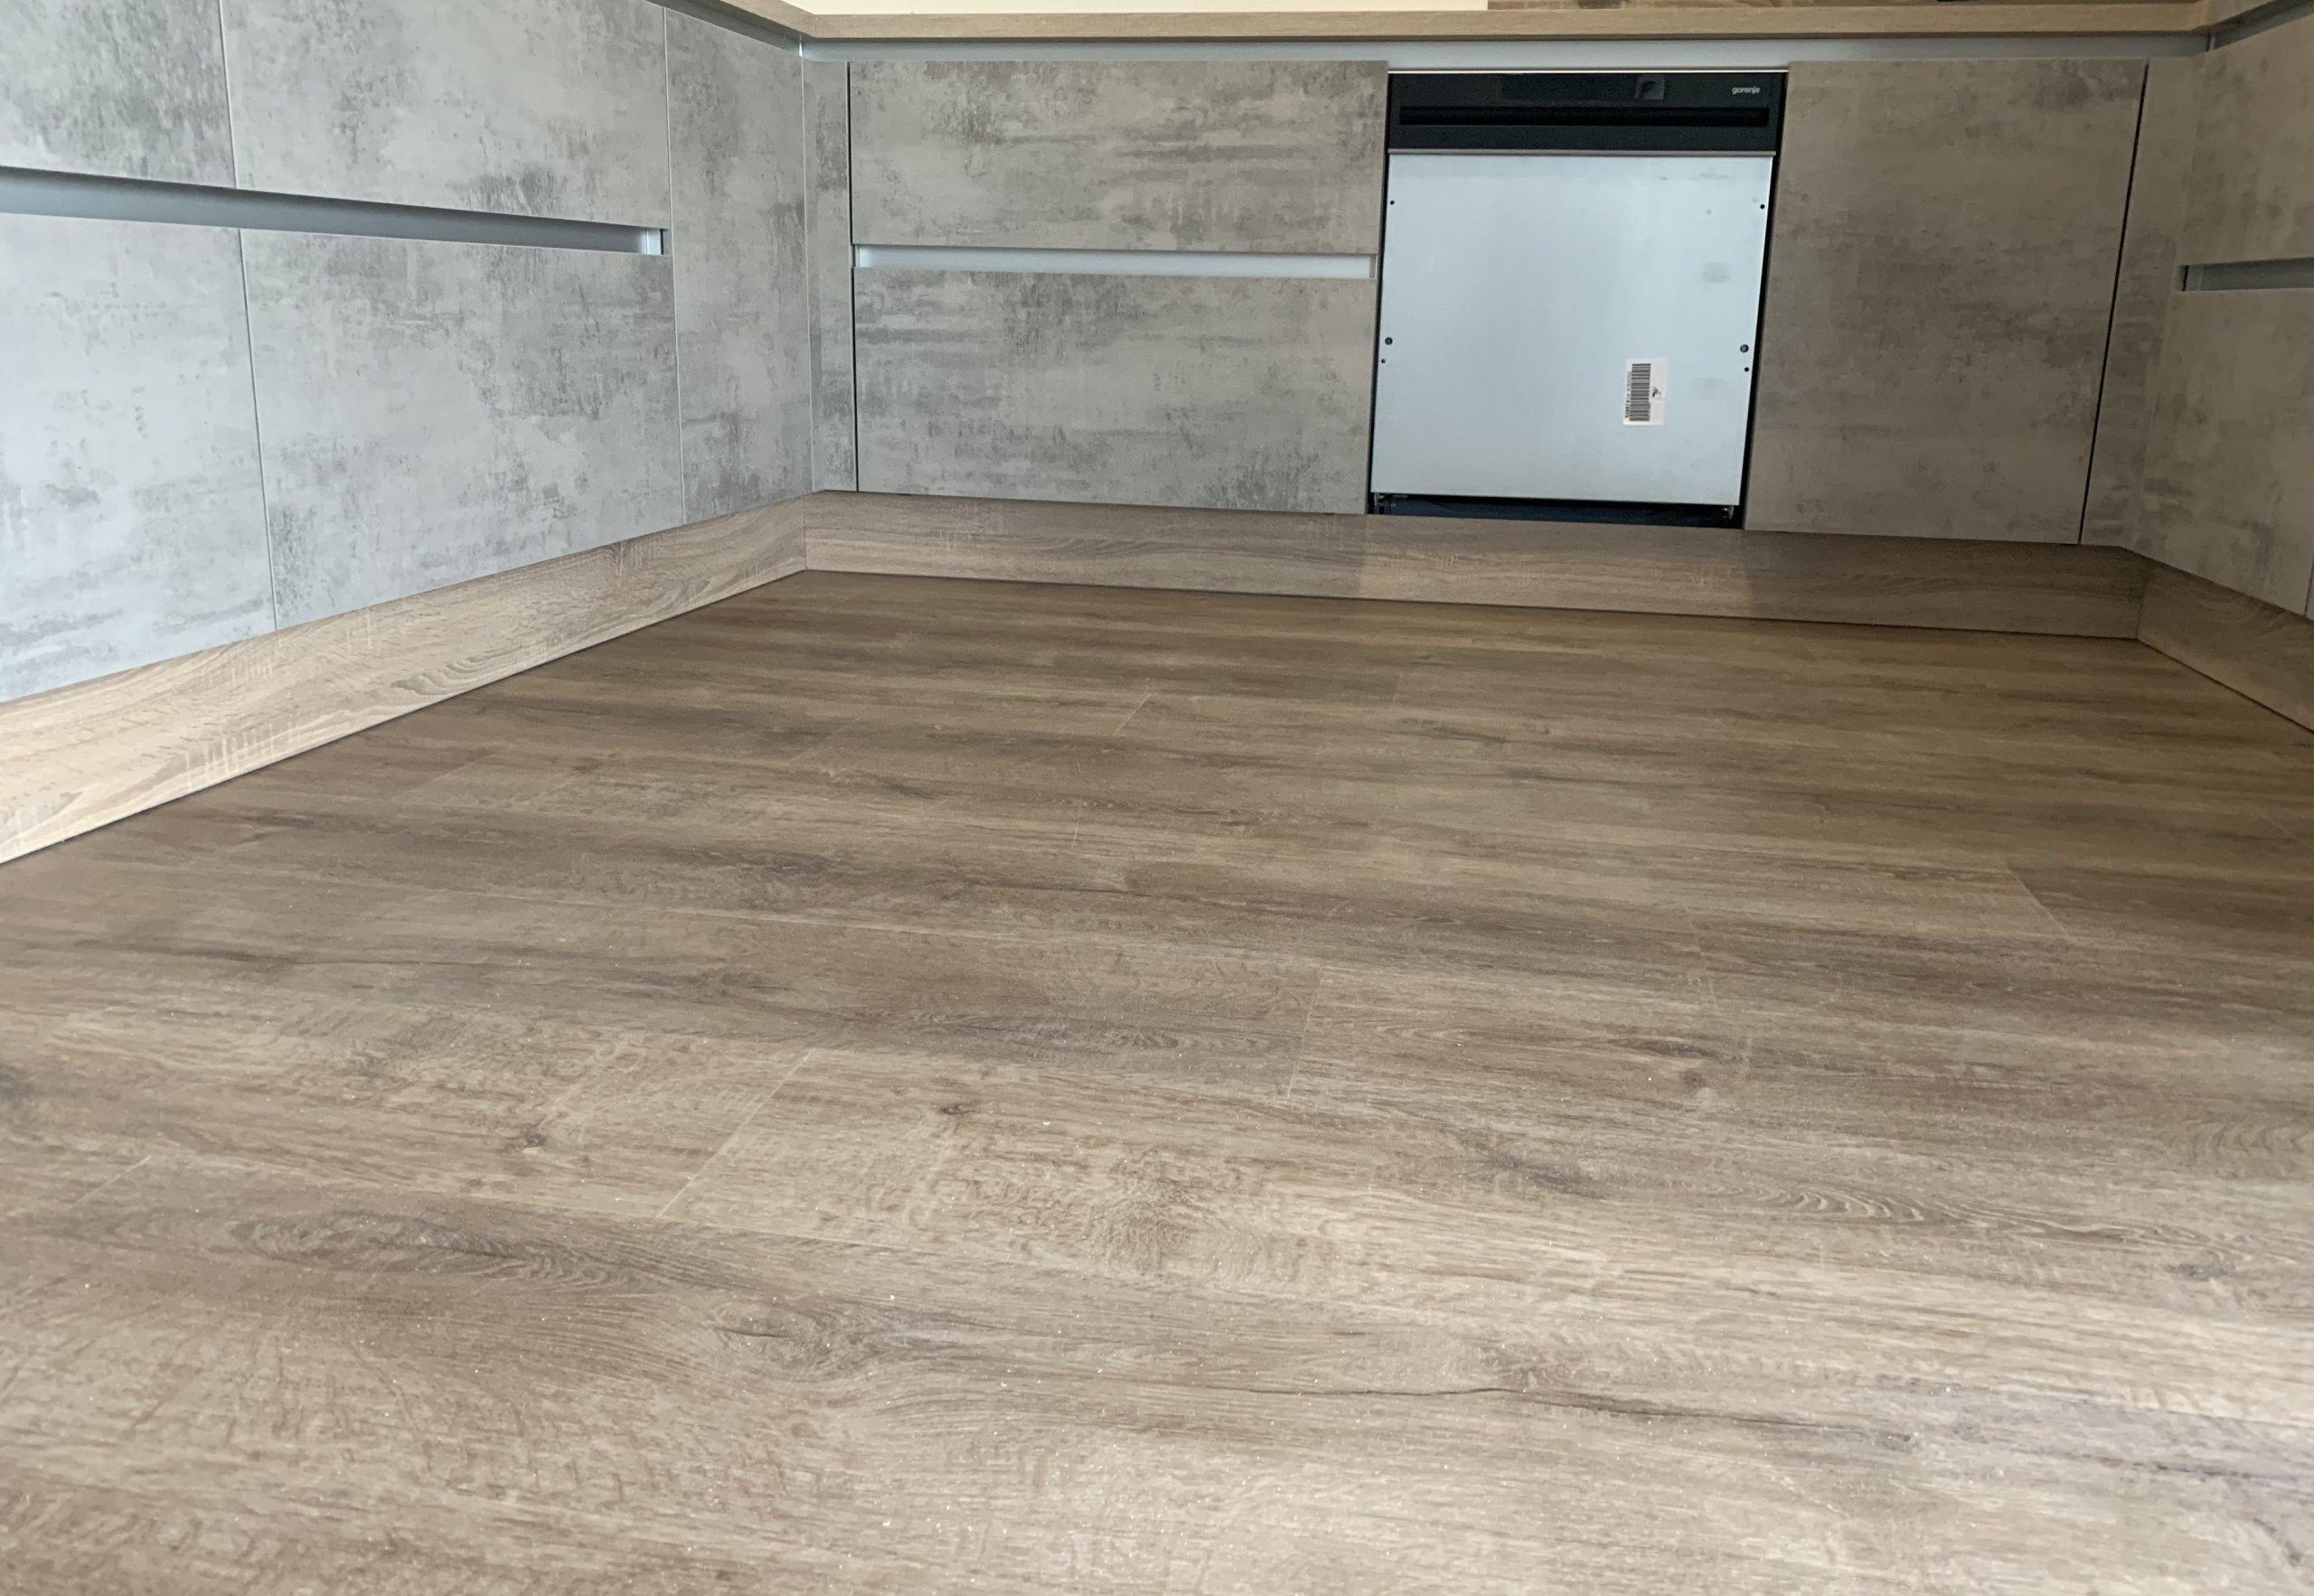 Ukázka realizace - vinylová podlaha BUKOMA PREMIUM CLICK XL - dekor Dub Barfold. Plocha celého rodinného domu je položena v jedné ploše bez přechodových lišt.…